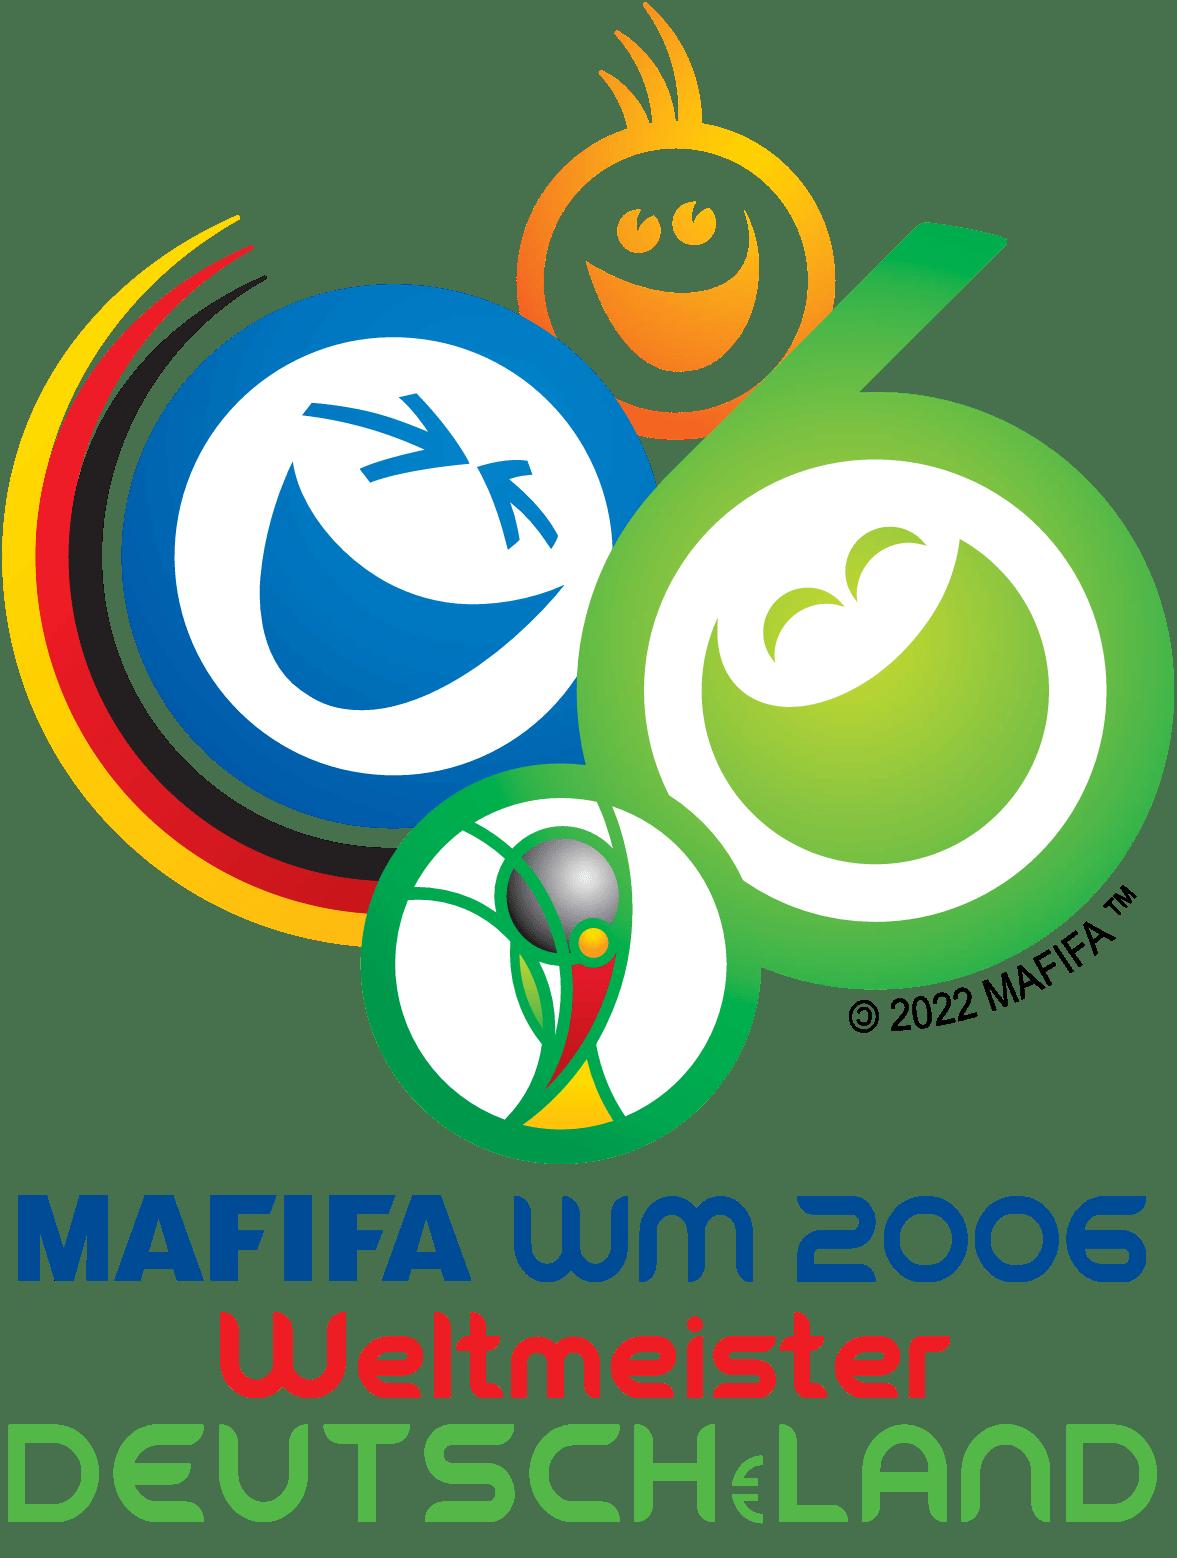 Logo_FIFA_World_Cup_2006_Germany deutschland ufssballweltmeister 2006 titel ausrichtung alles gekauft betrug schiebung